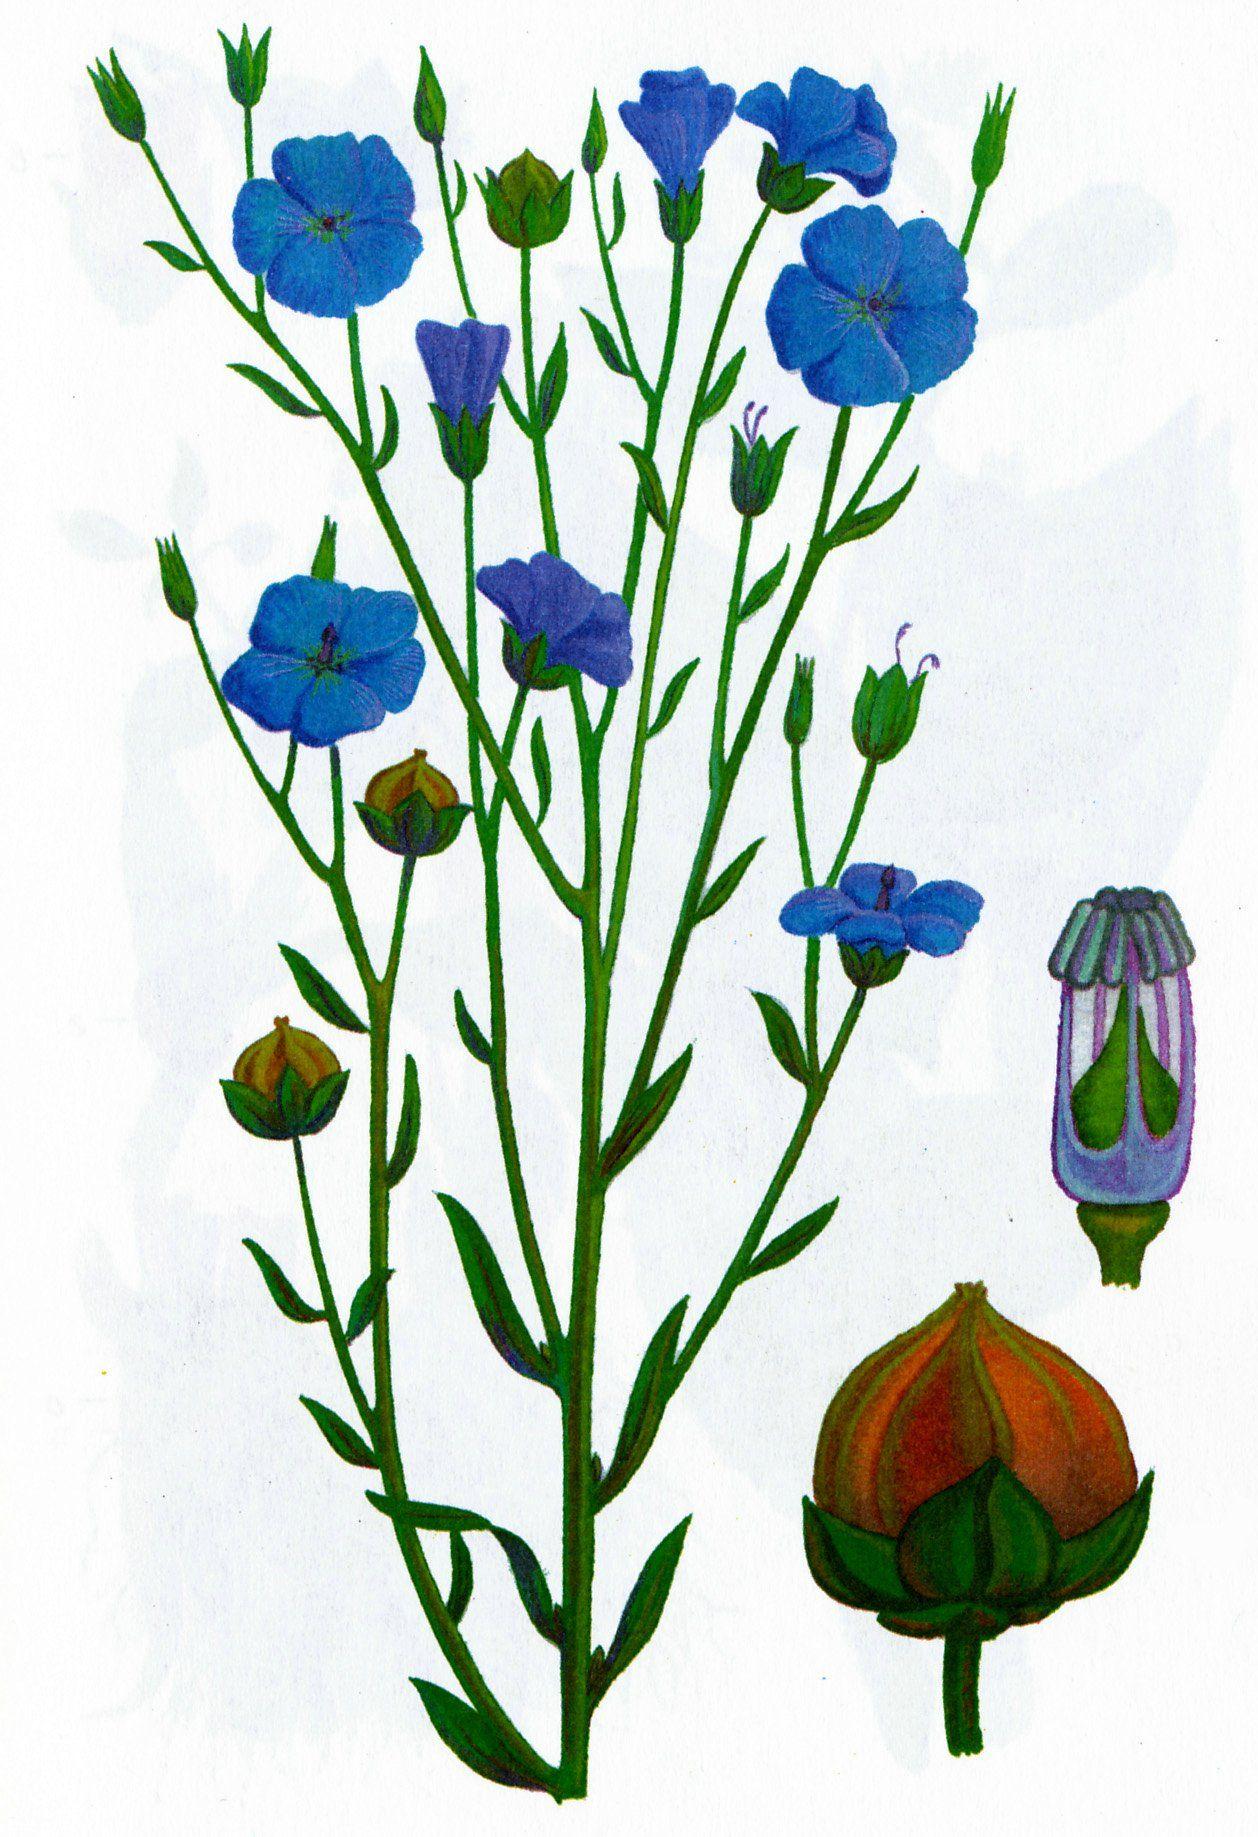 растение лен